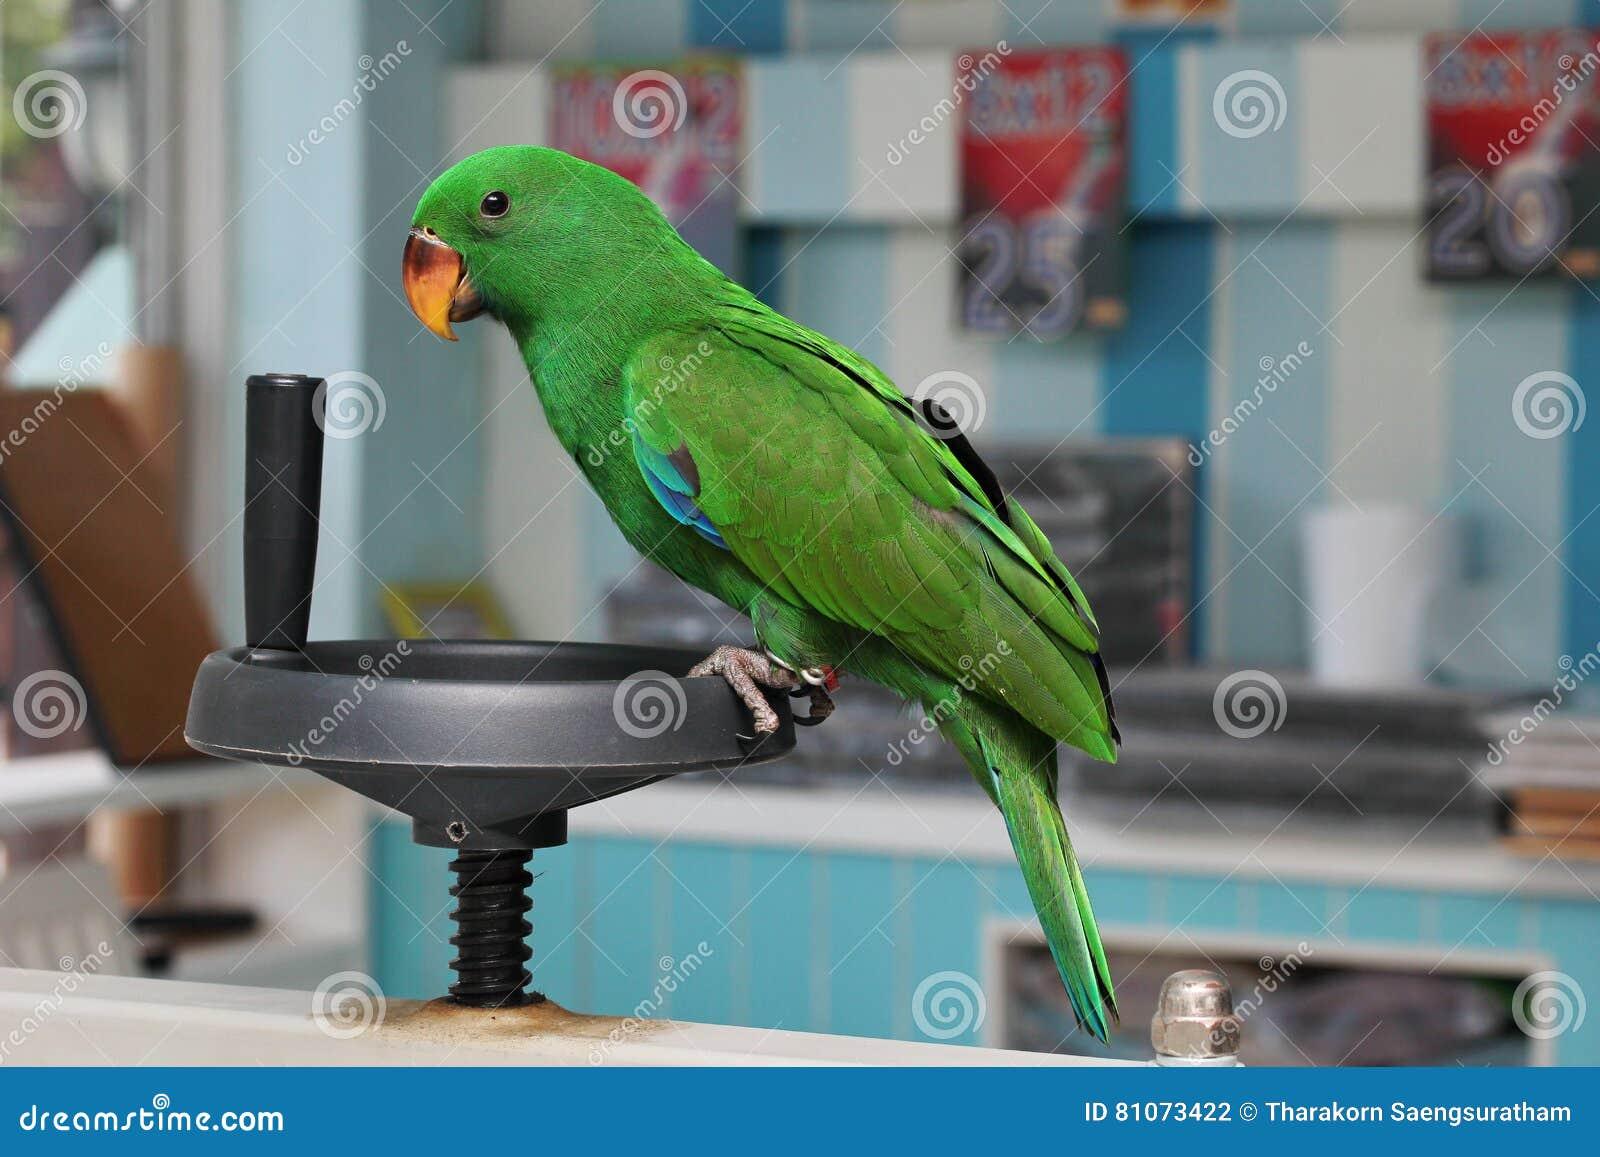 Männlicher Eclectus-Papagei, altern zwei Monate